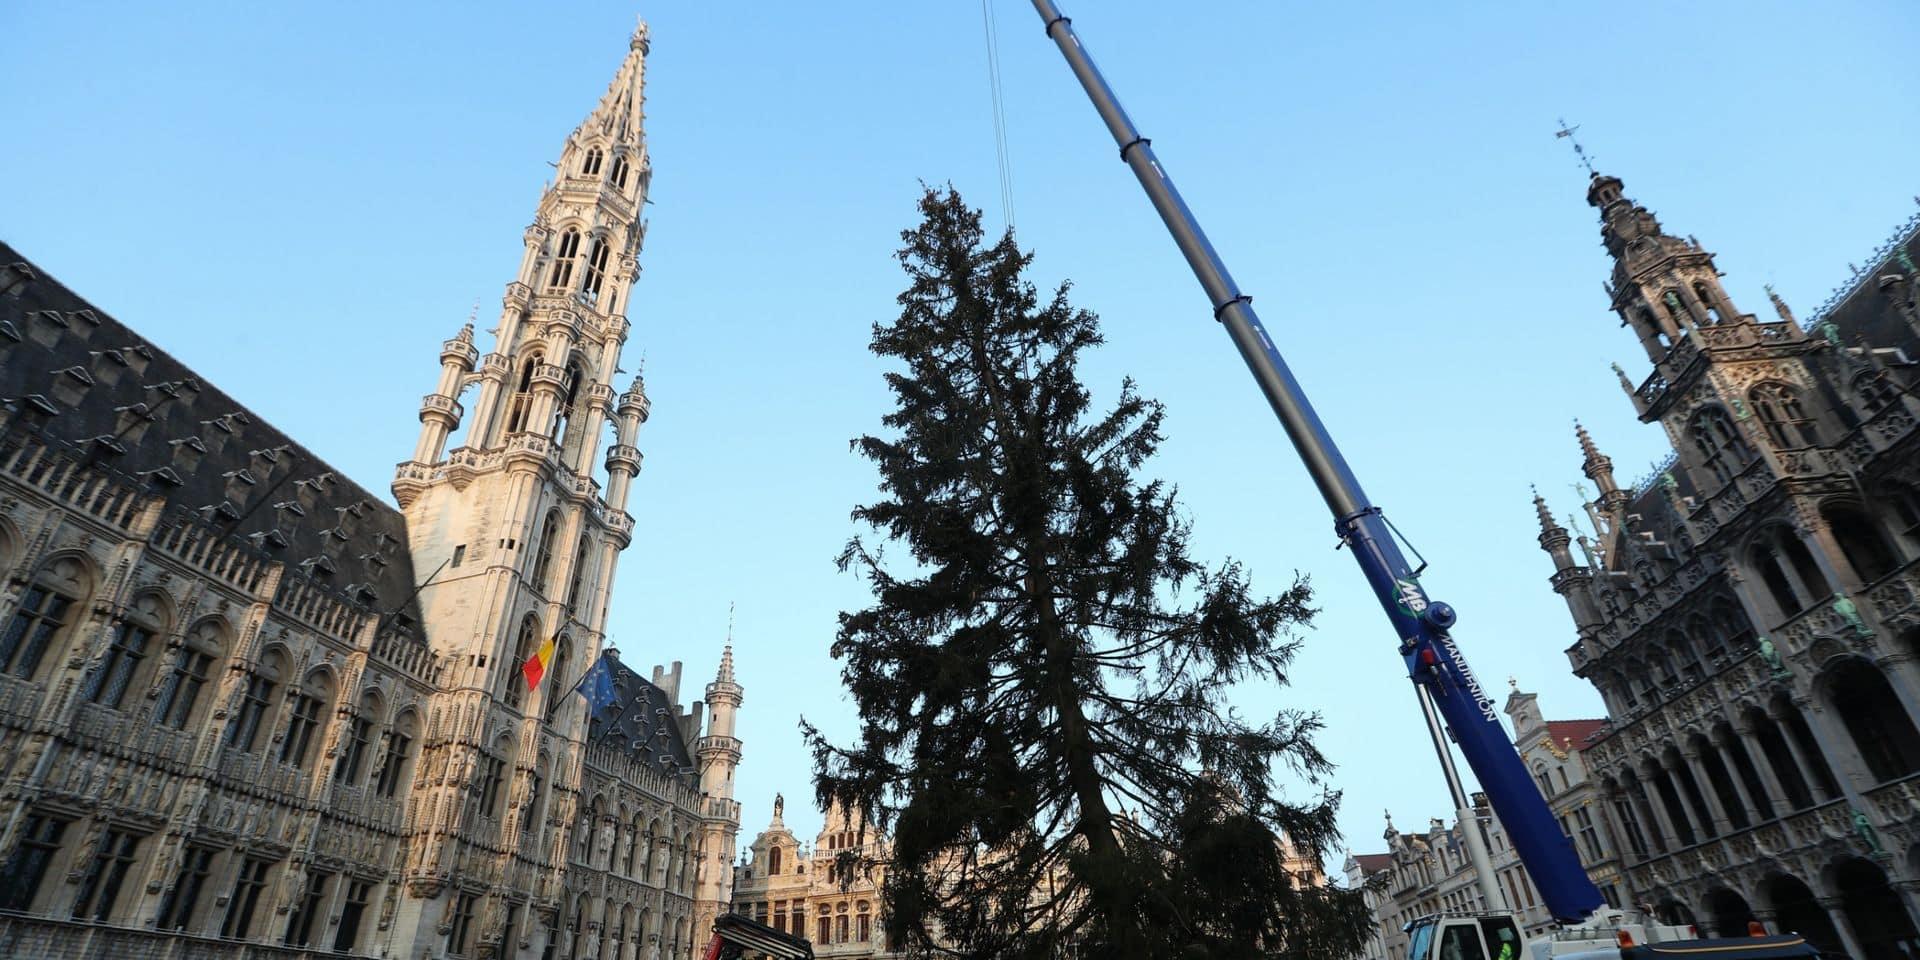 Le traditionnel sapin de Noël ornera la Grand-Place de Bruxelles dès jeudi